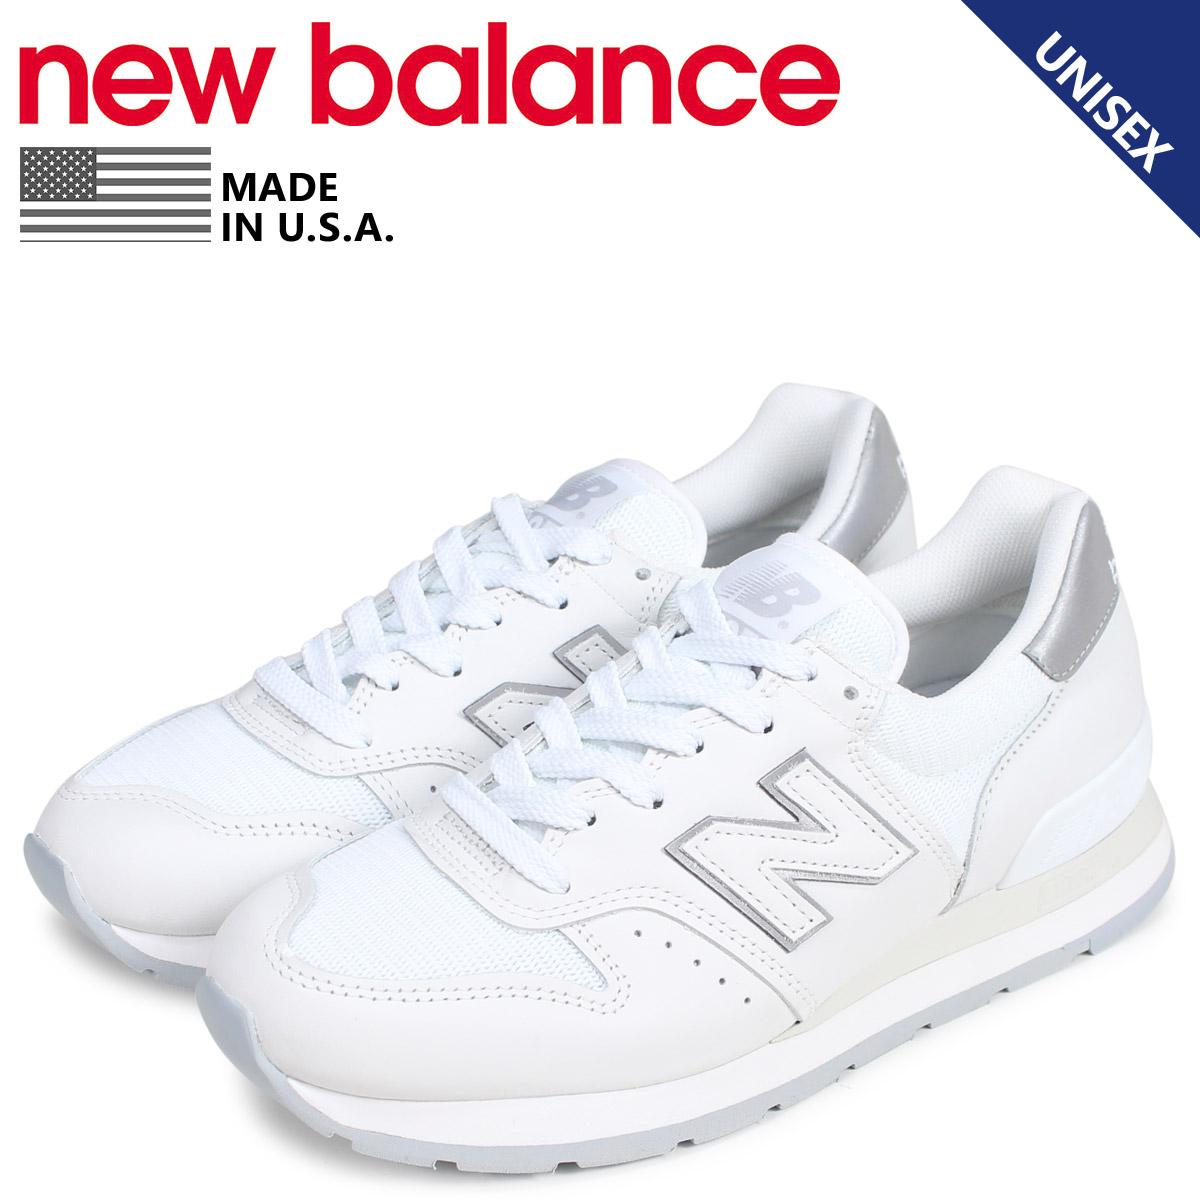 new balance ニューバランス 995 スニーカー メンズ レディース Dワイズ MADE IN USA ホワイト 白 M995CO [3/11 新入荷]